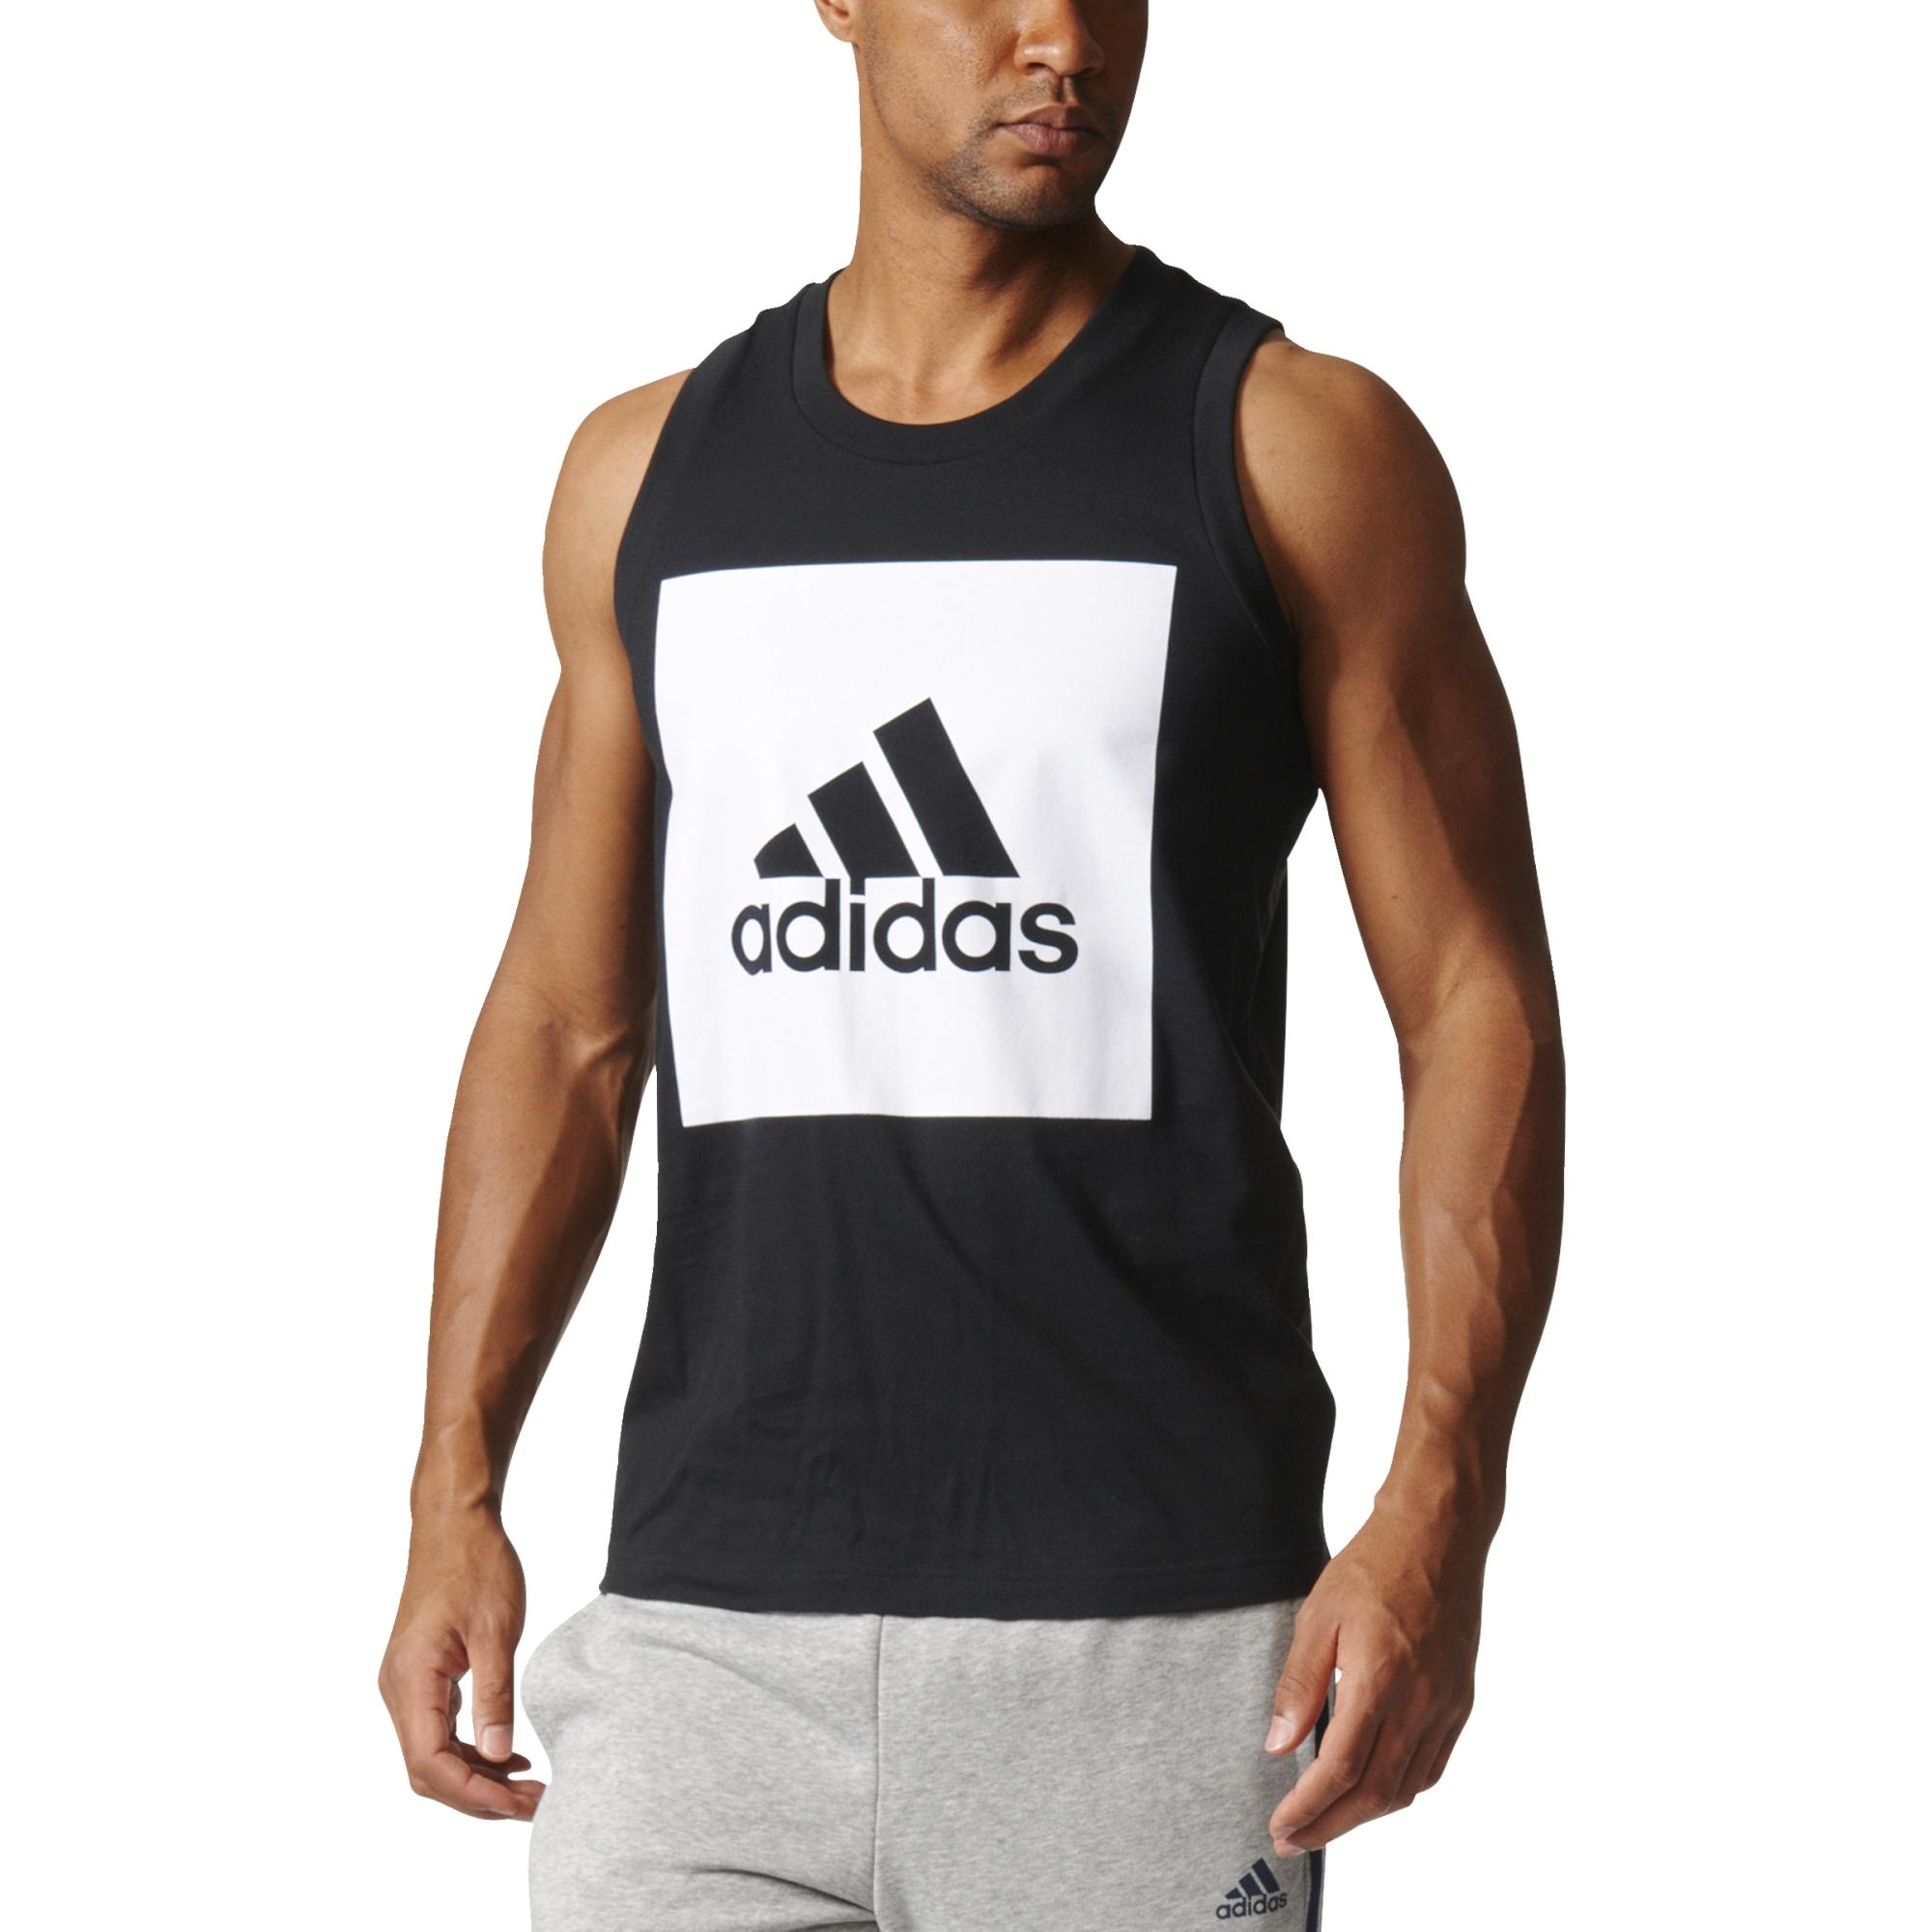 05dbe4f18 koszulka męska na ramiączkach adidas r XL B47364 - 7176966204 ...